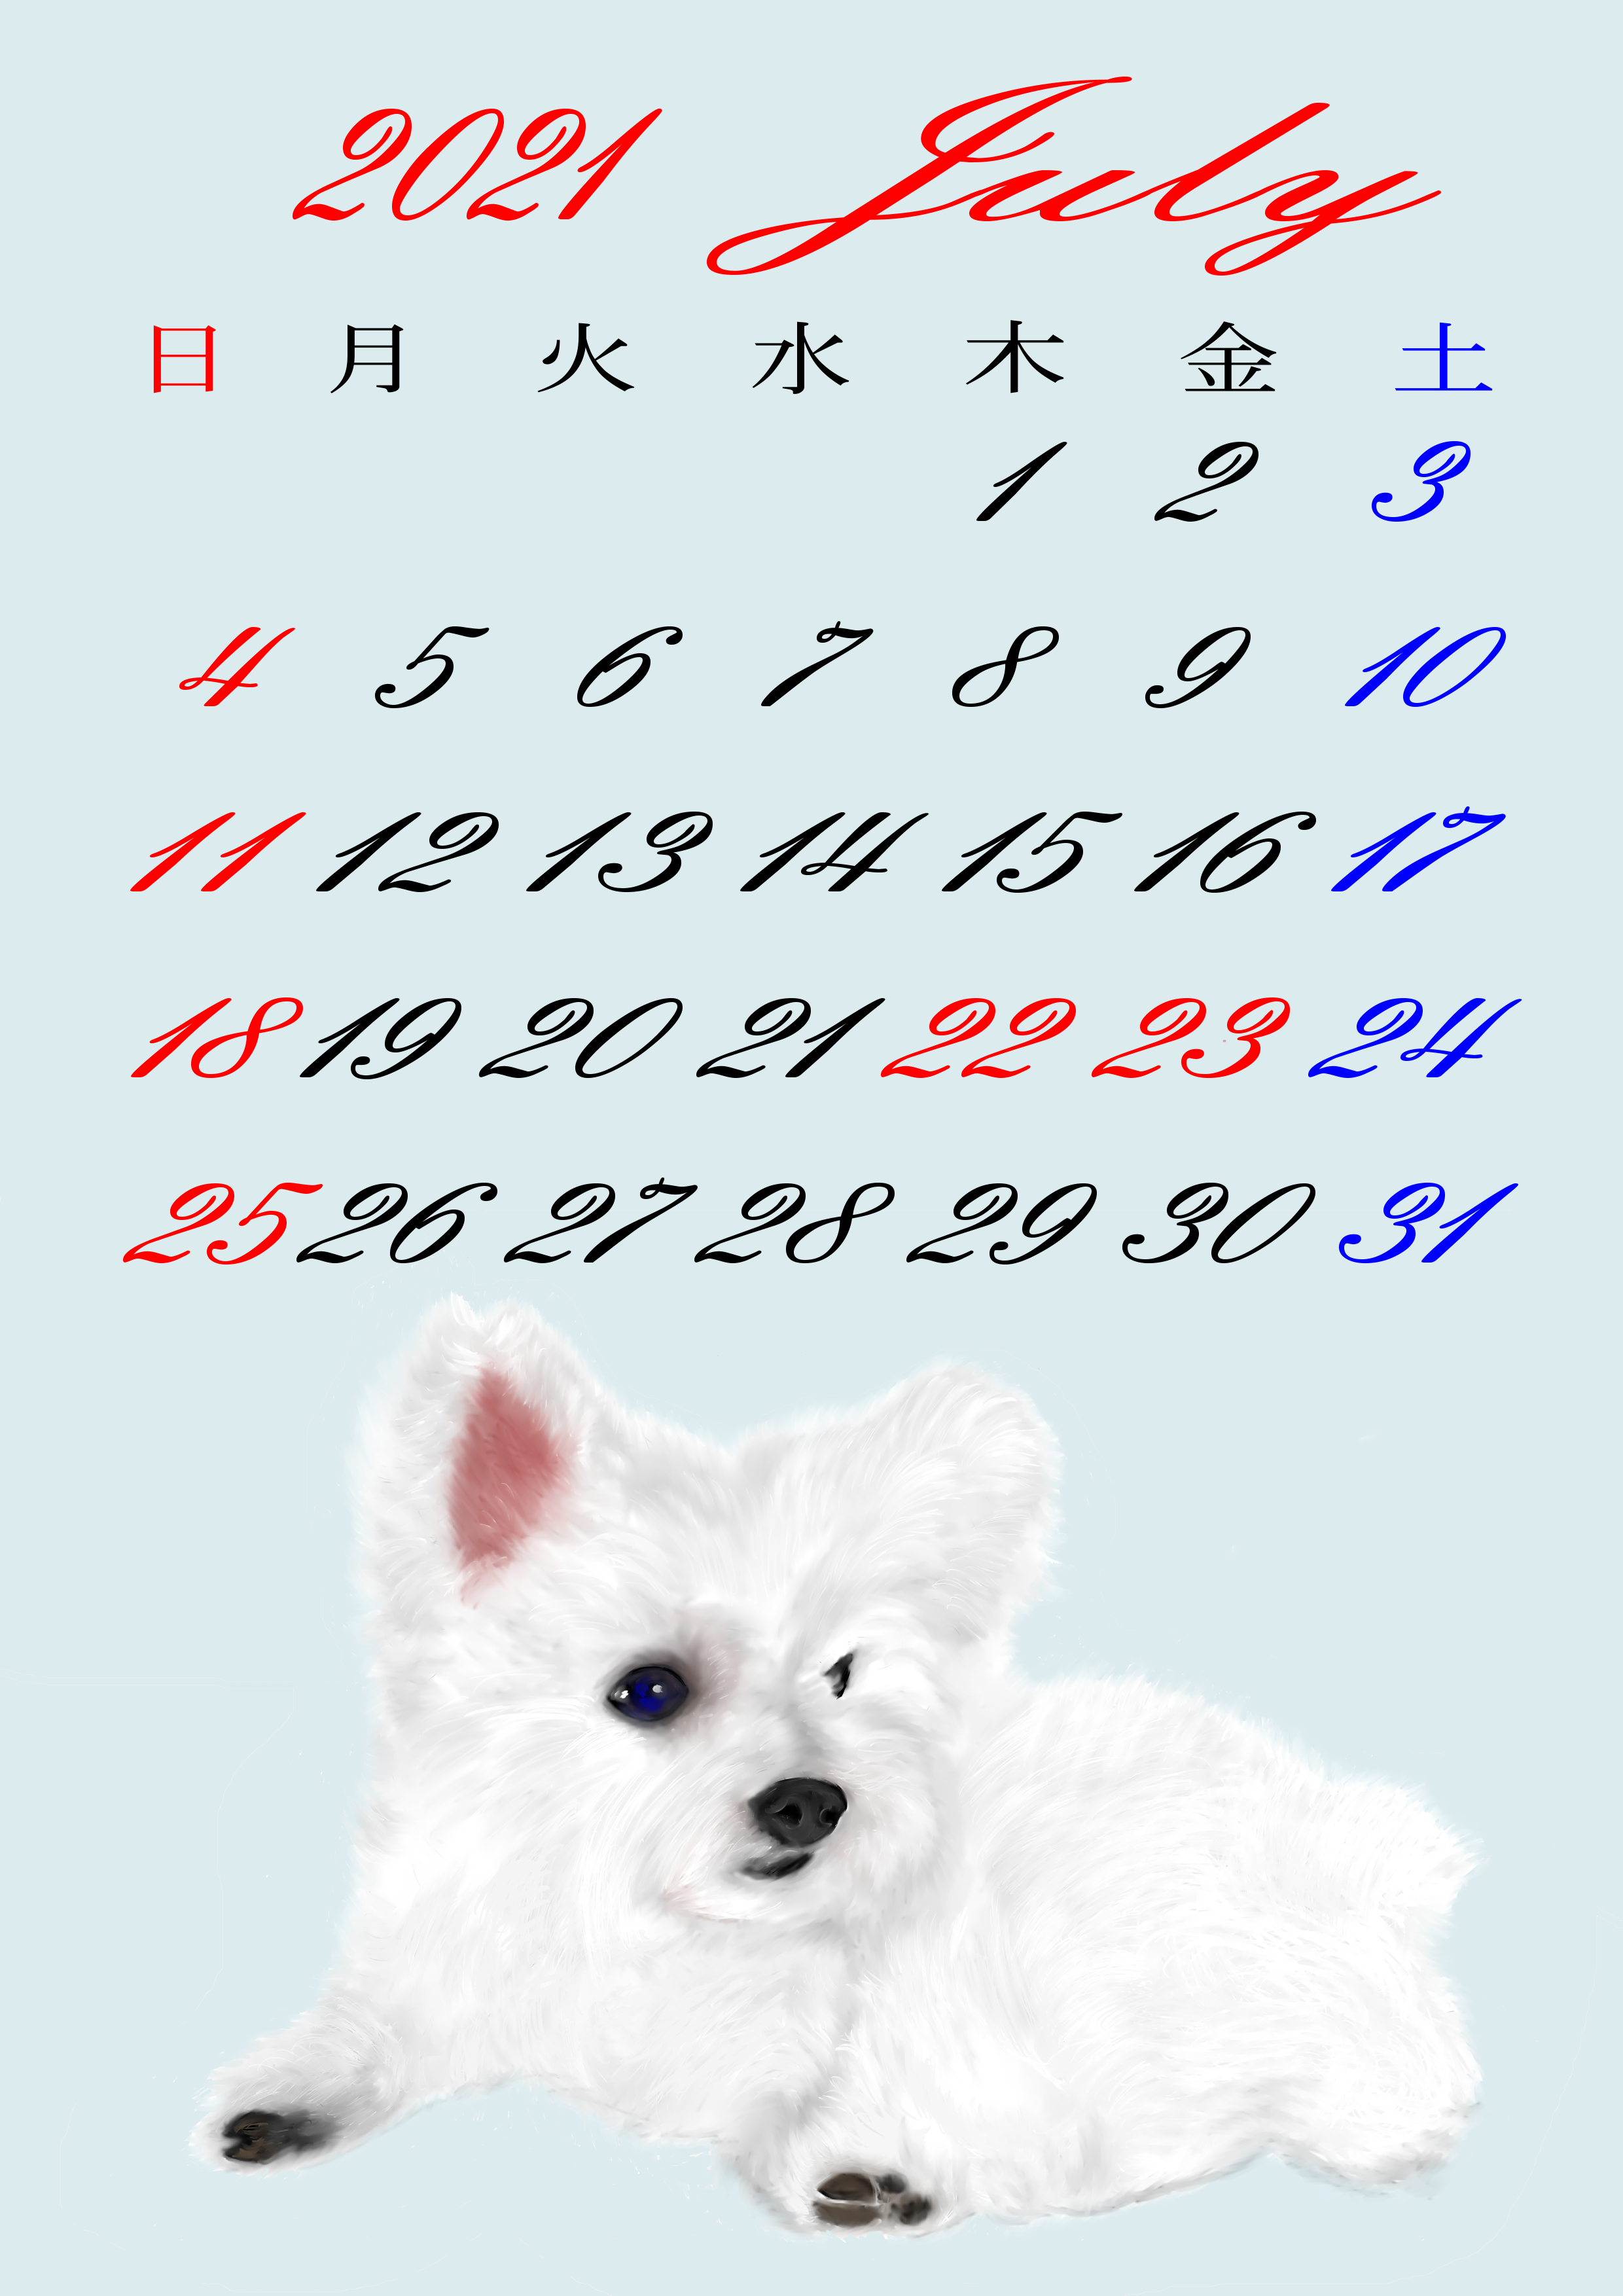 ラッキーちゃんカレンダー2